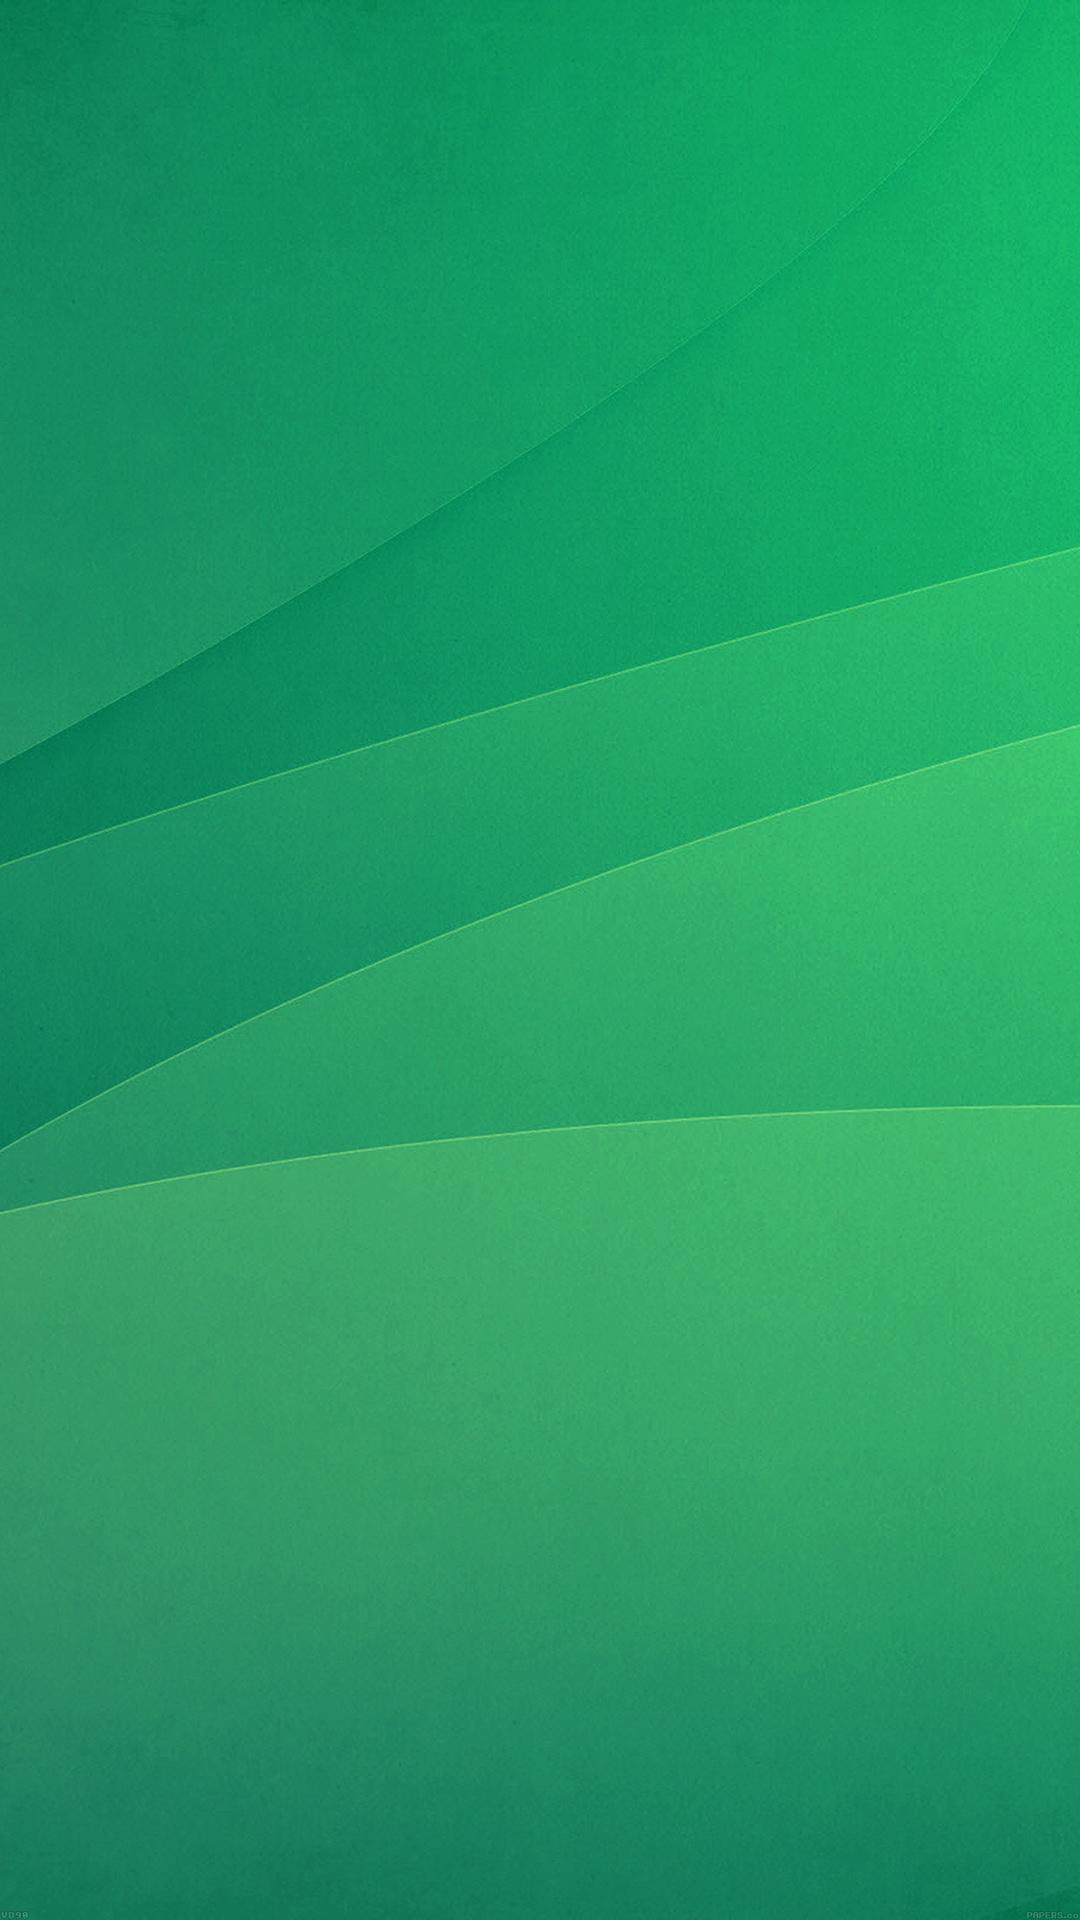 Shining aqua green